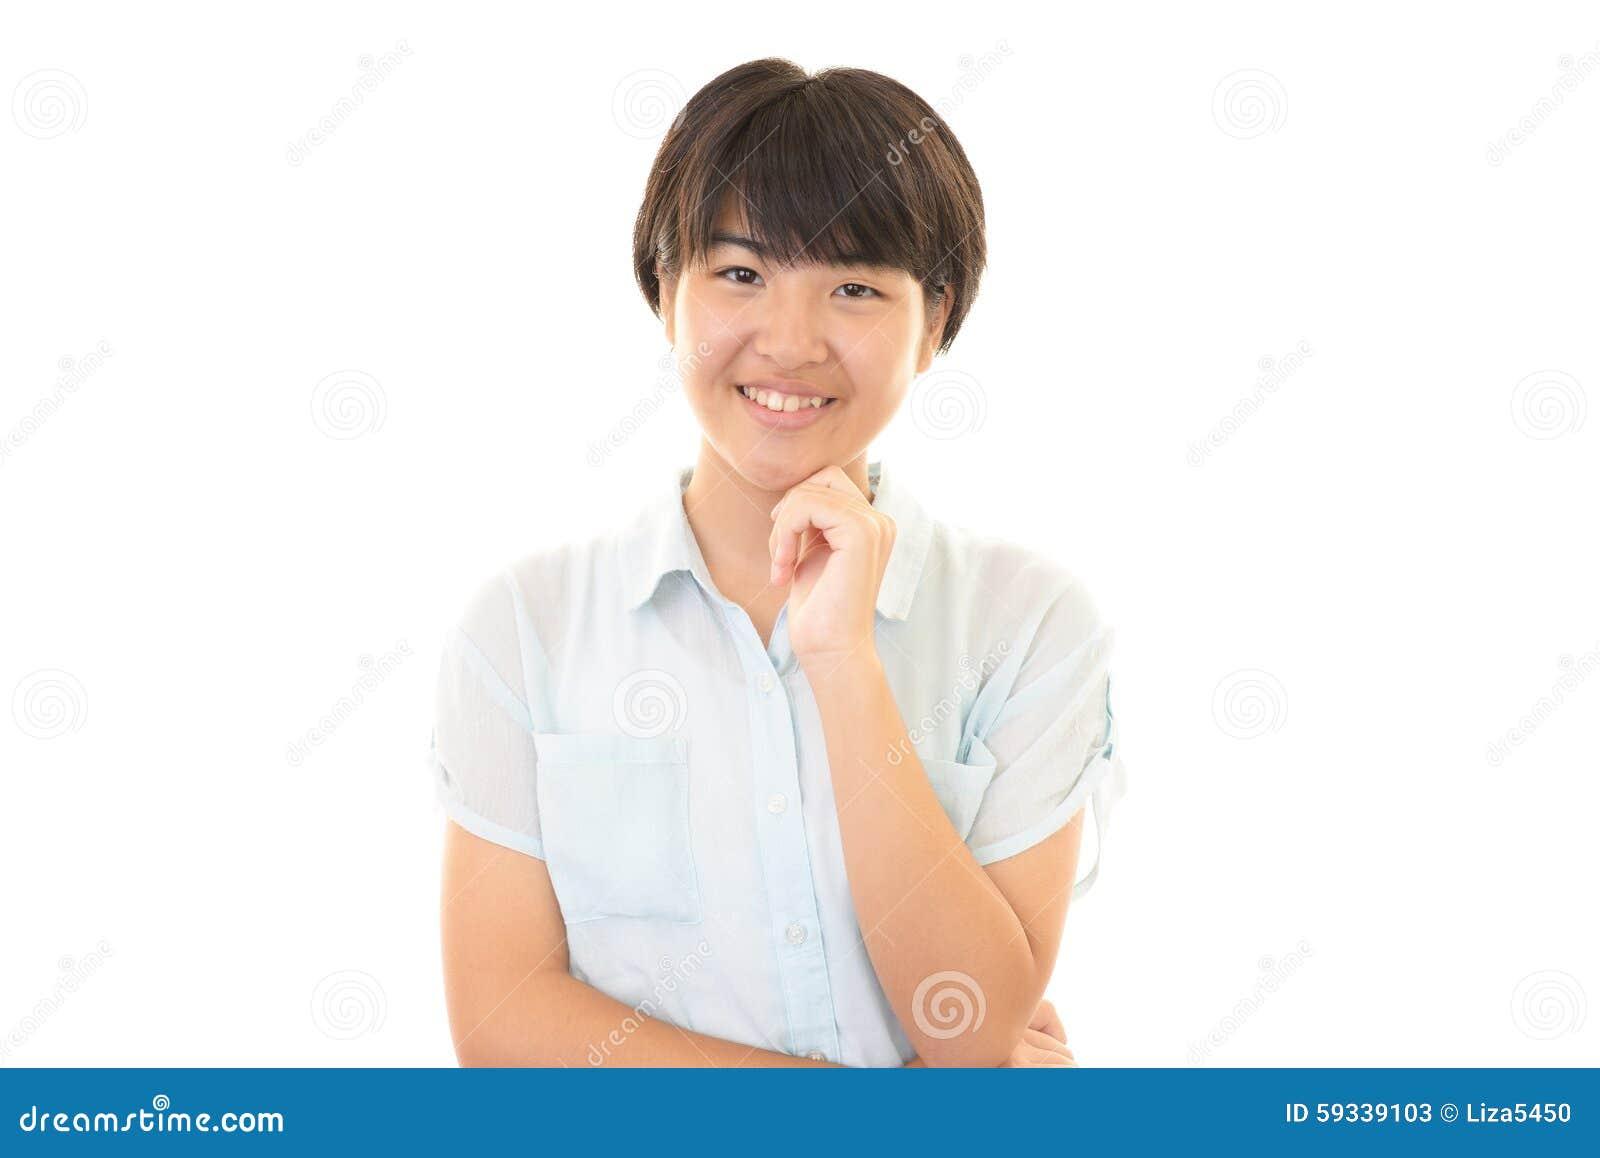 girl Junior facial teen